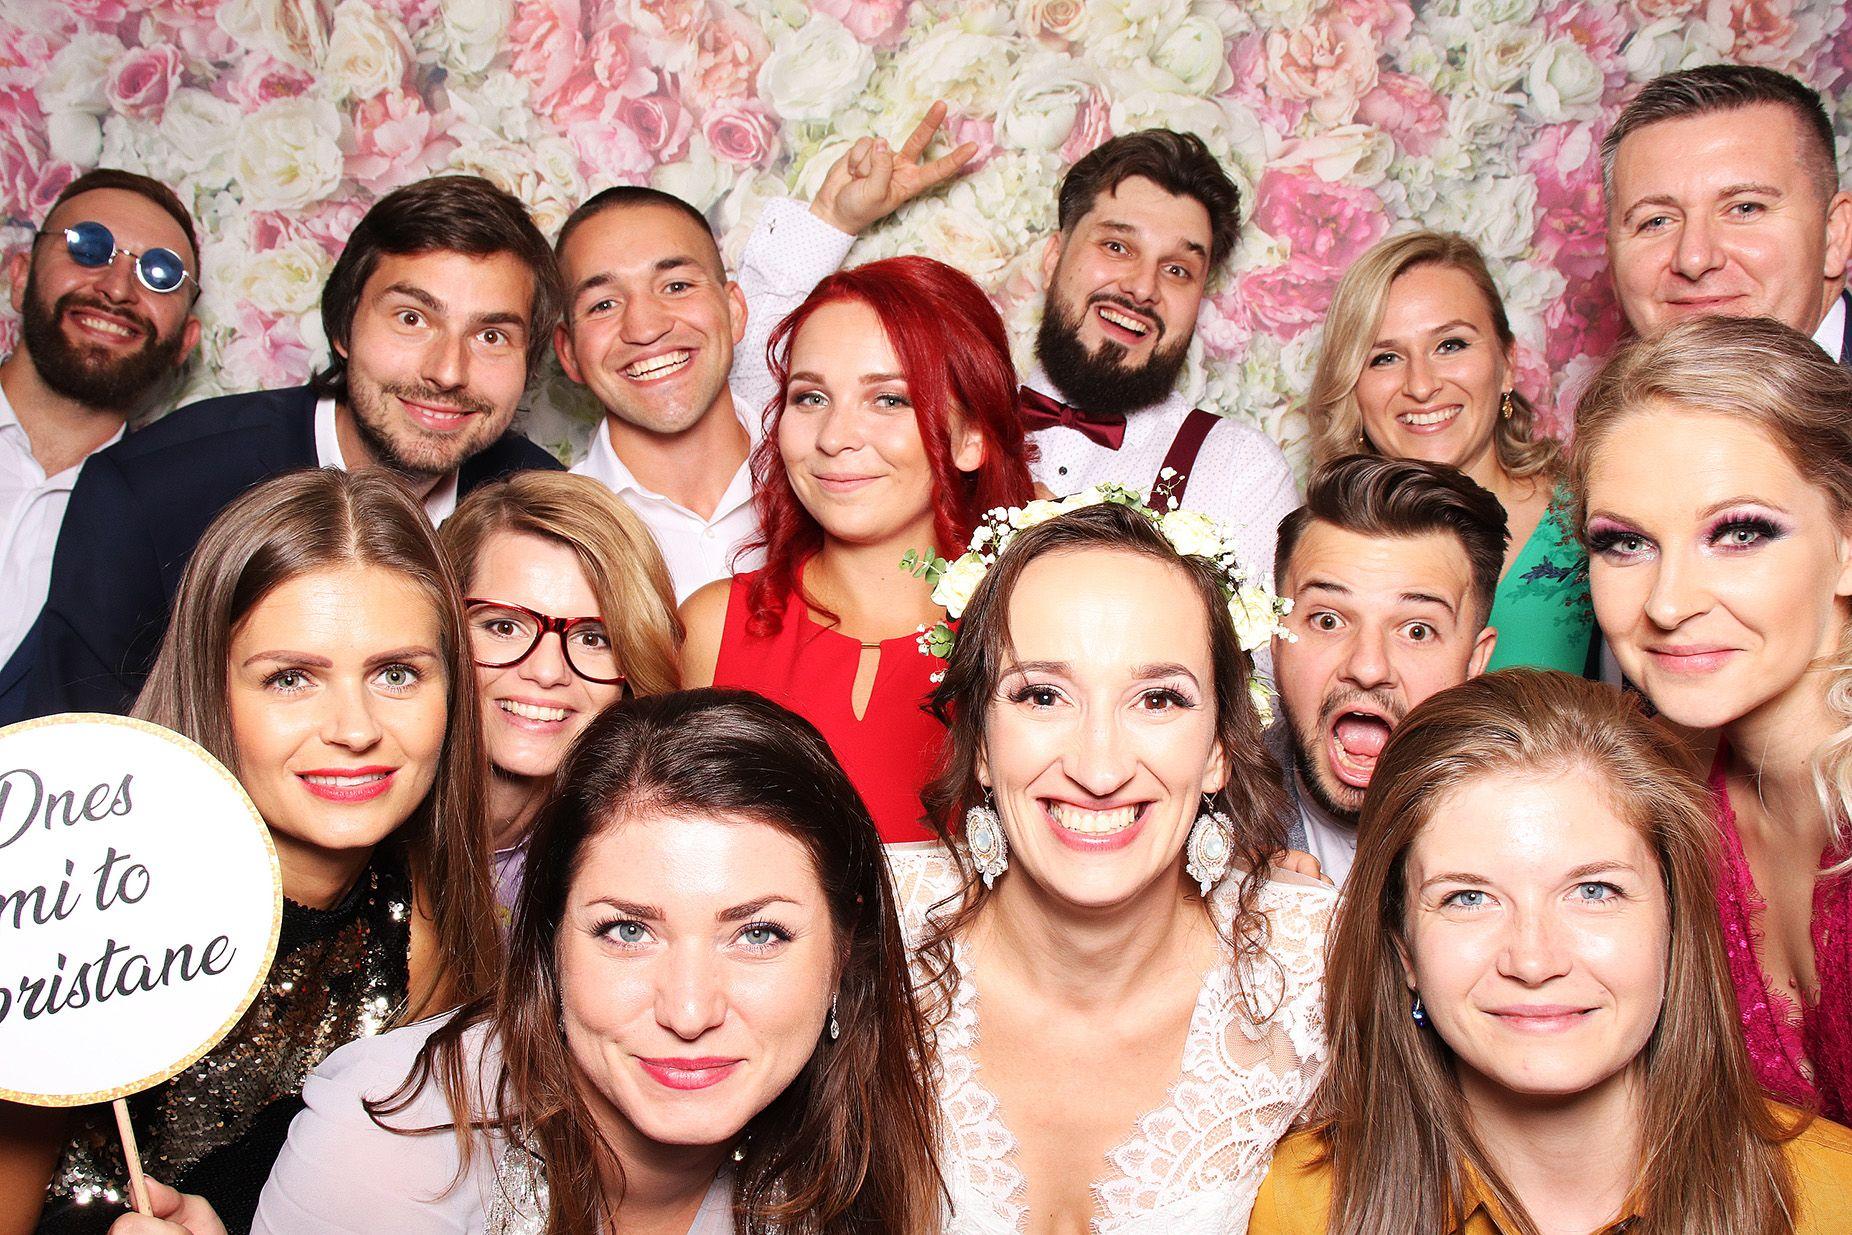 fotopozadie na svadbu fotokutik villa necas zilina